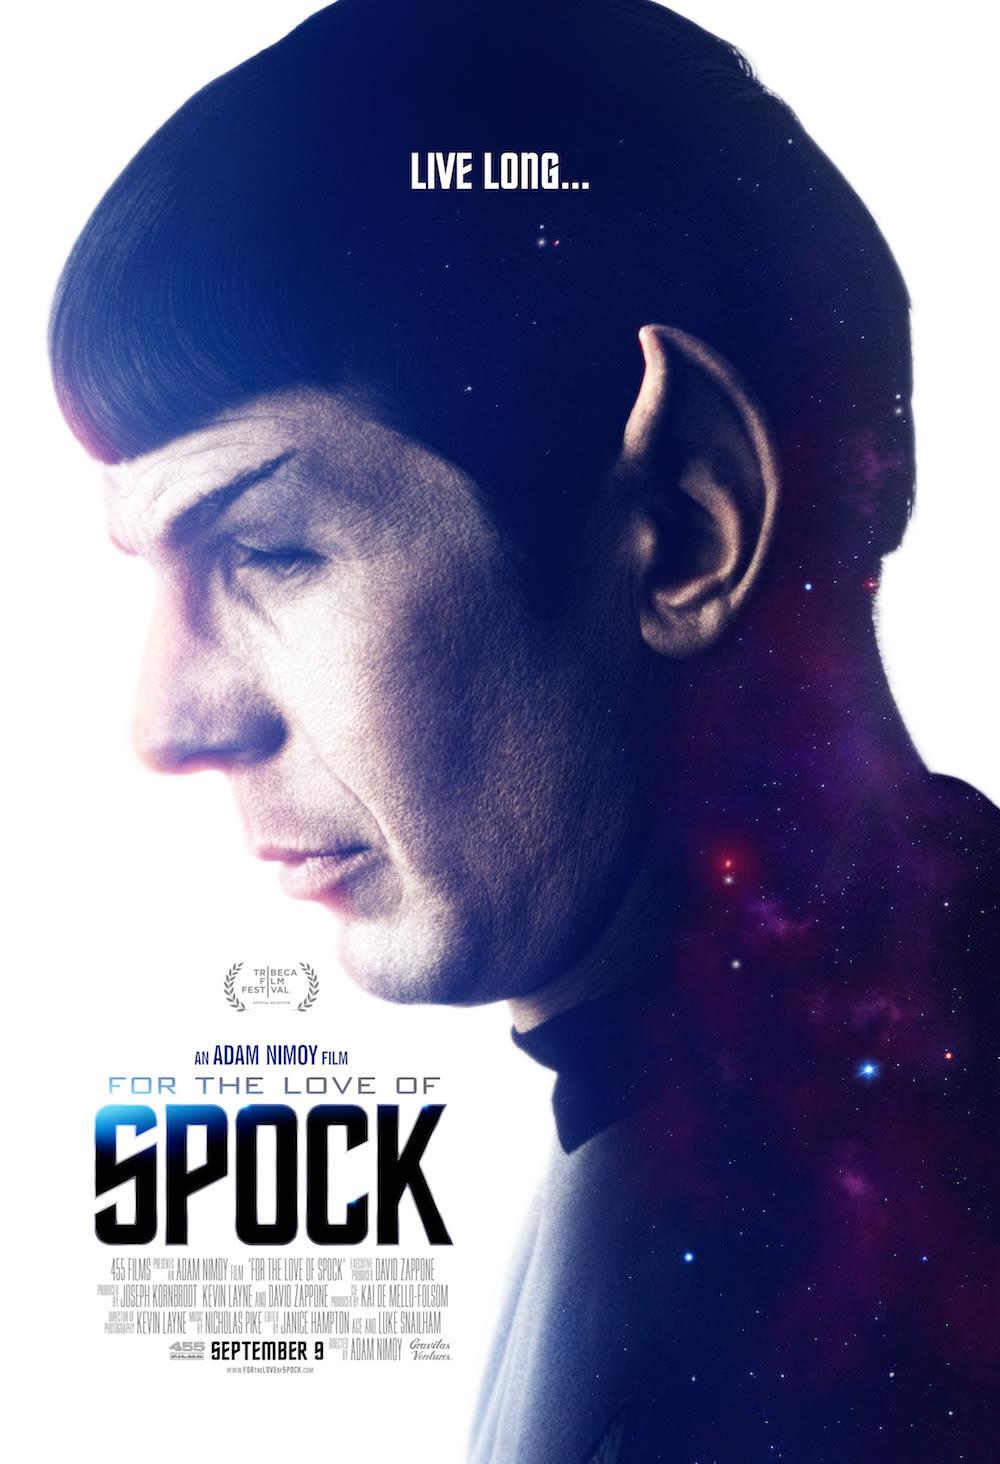 Jewish film festival spock itnpxx